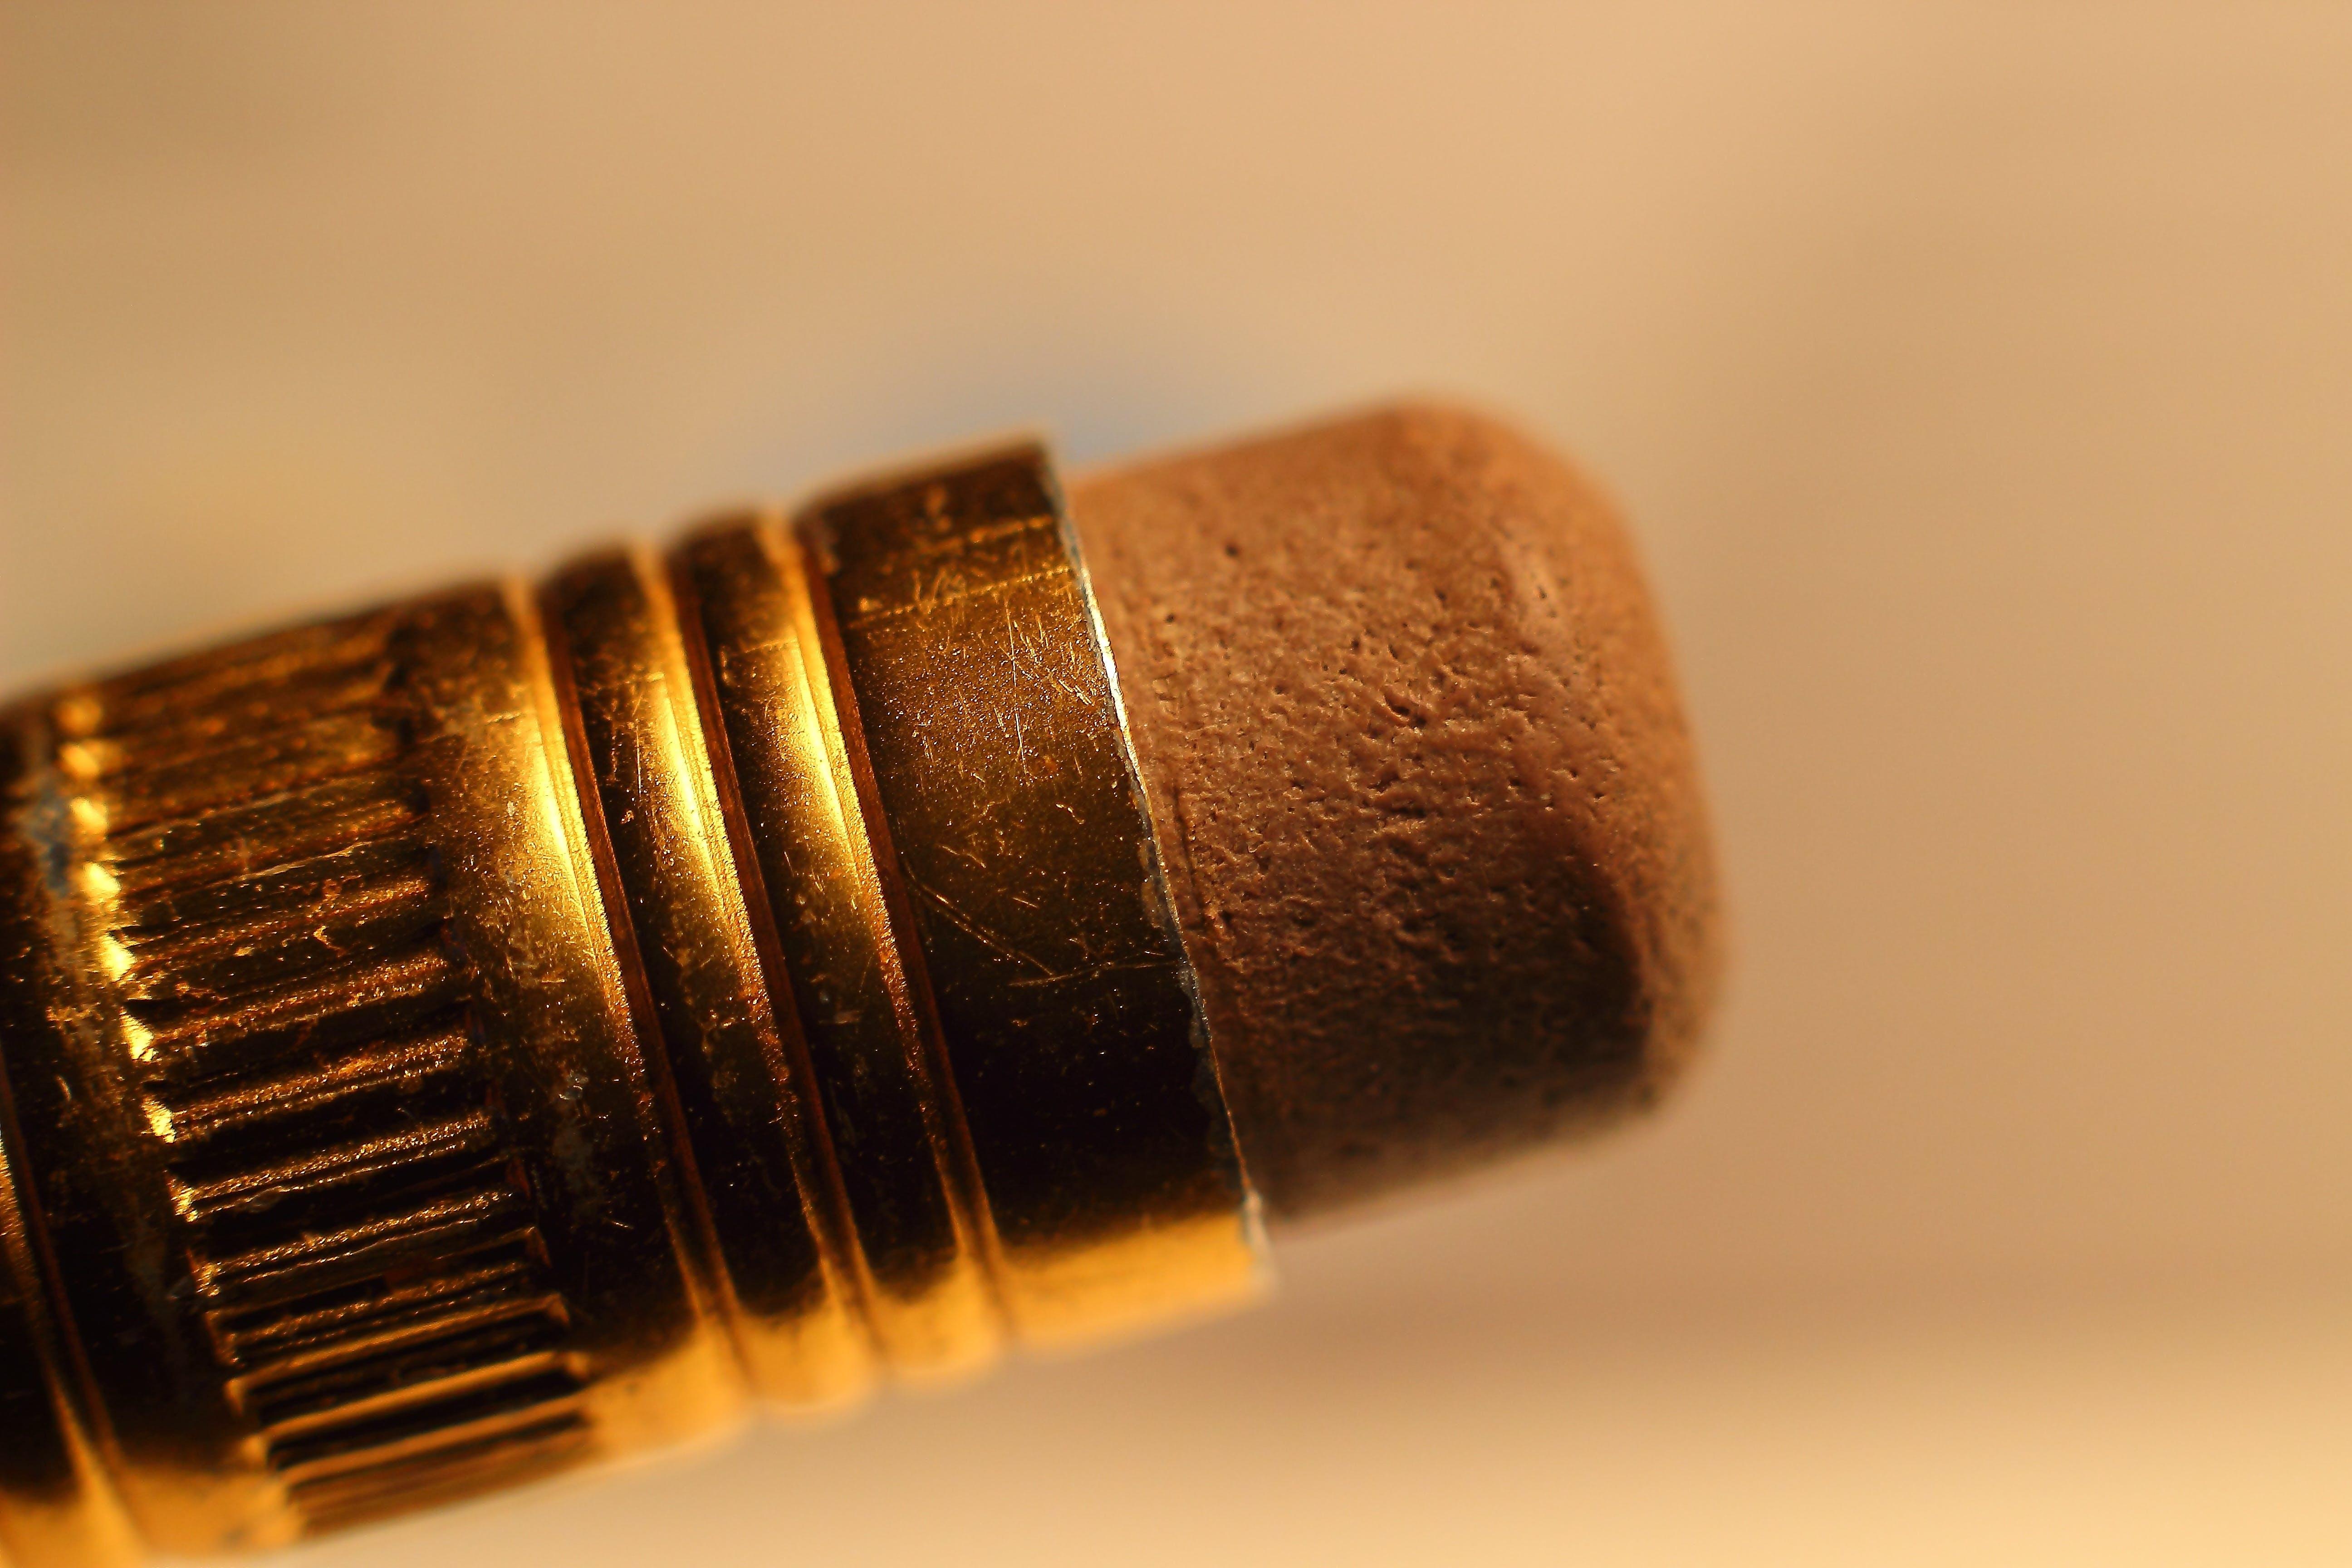 blur, business, close-up